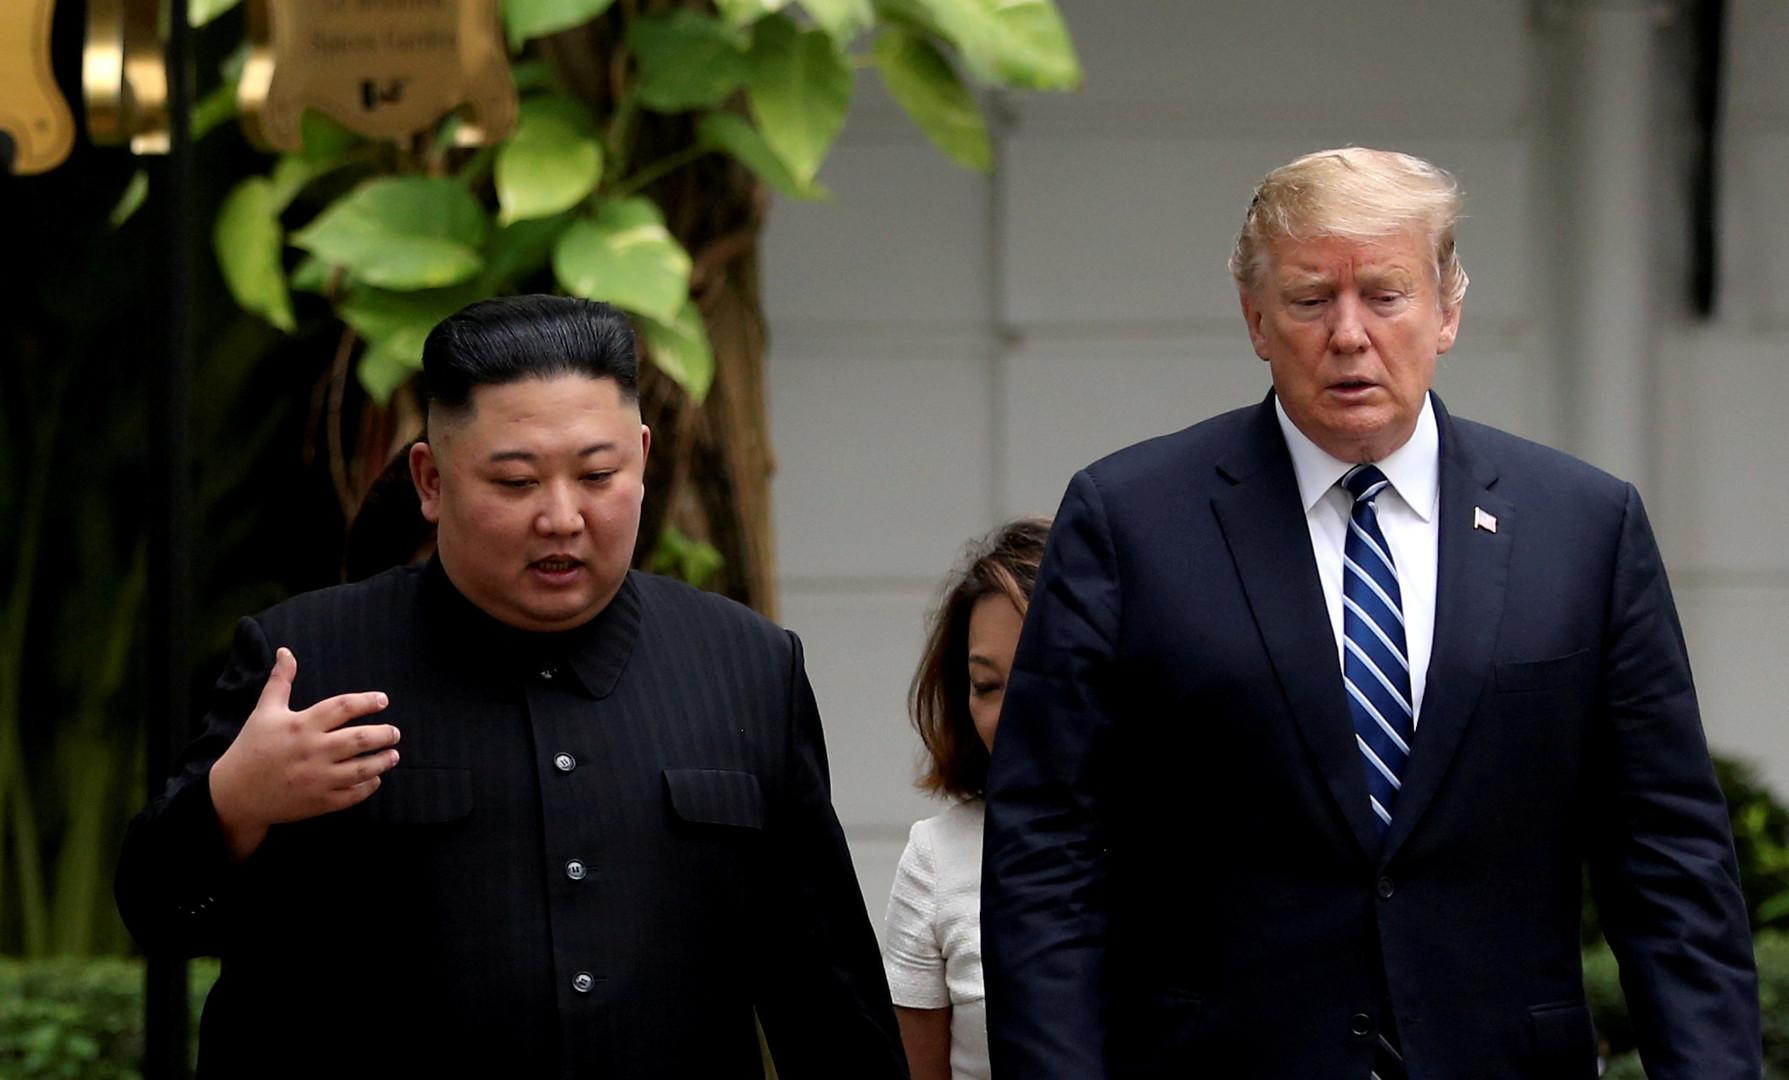 الرئيس الأمريكي دونالد ترامب وزعيم كوريا الشمالية كيم جونغ أون في العاصمة الفيتنامية هانوي